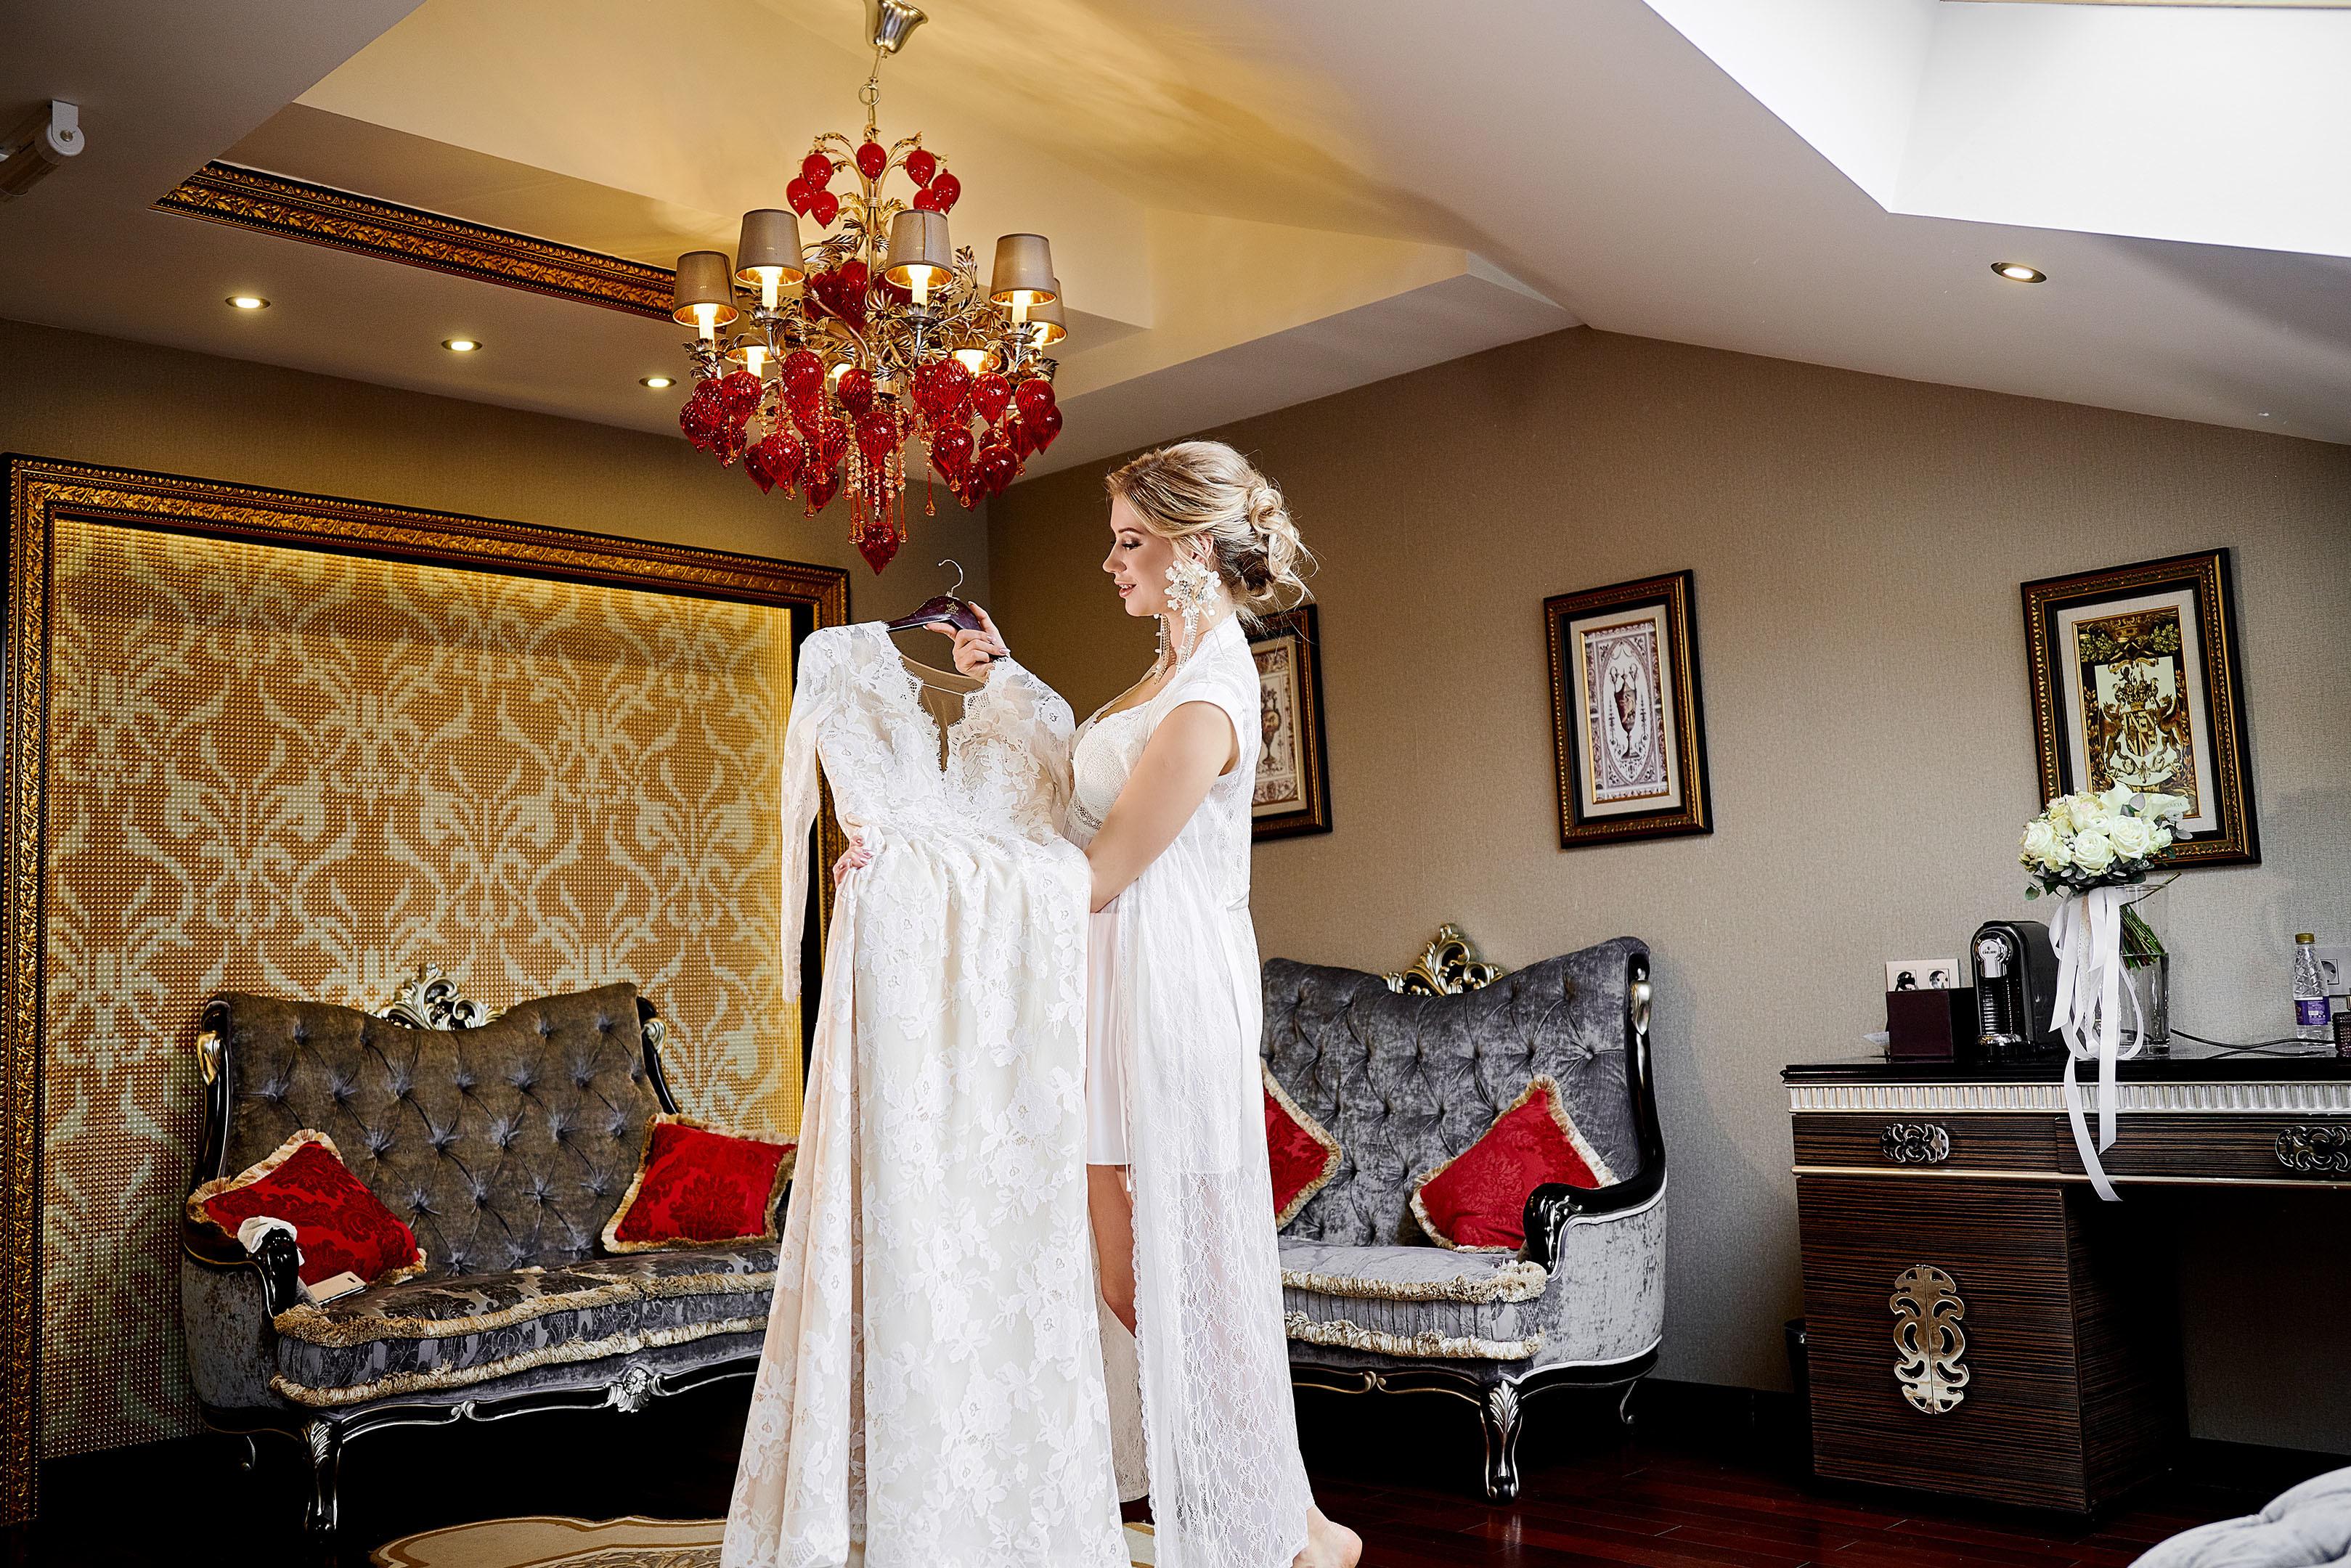 Утро невесты я в отеле Маджестик (Majestic Boutique Hotel Deluxe), платье невесты